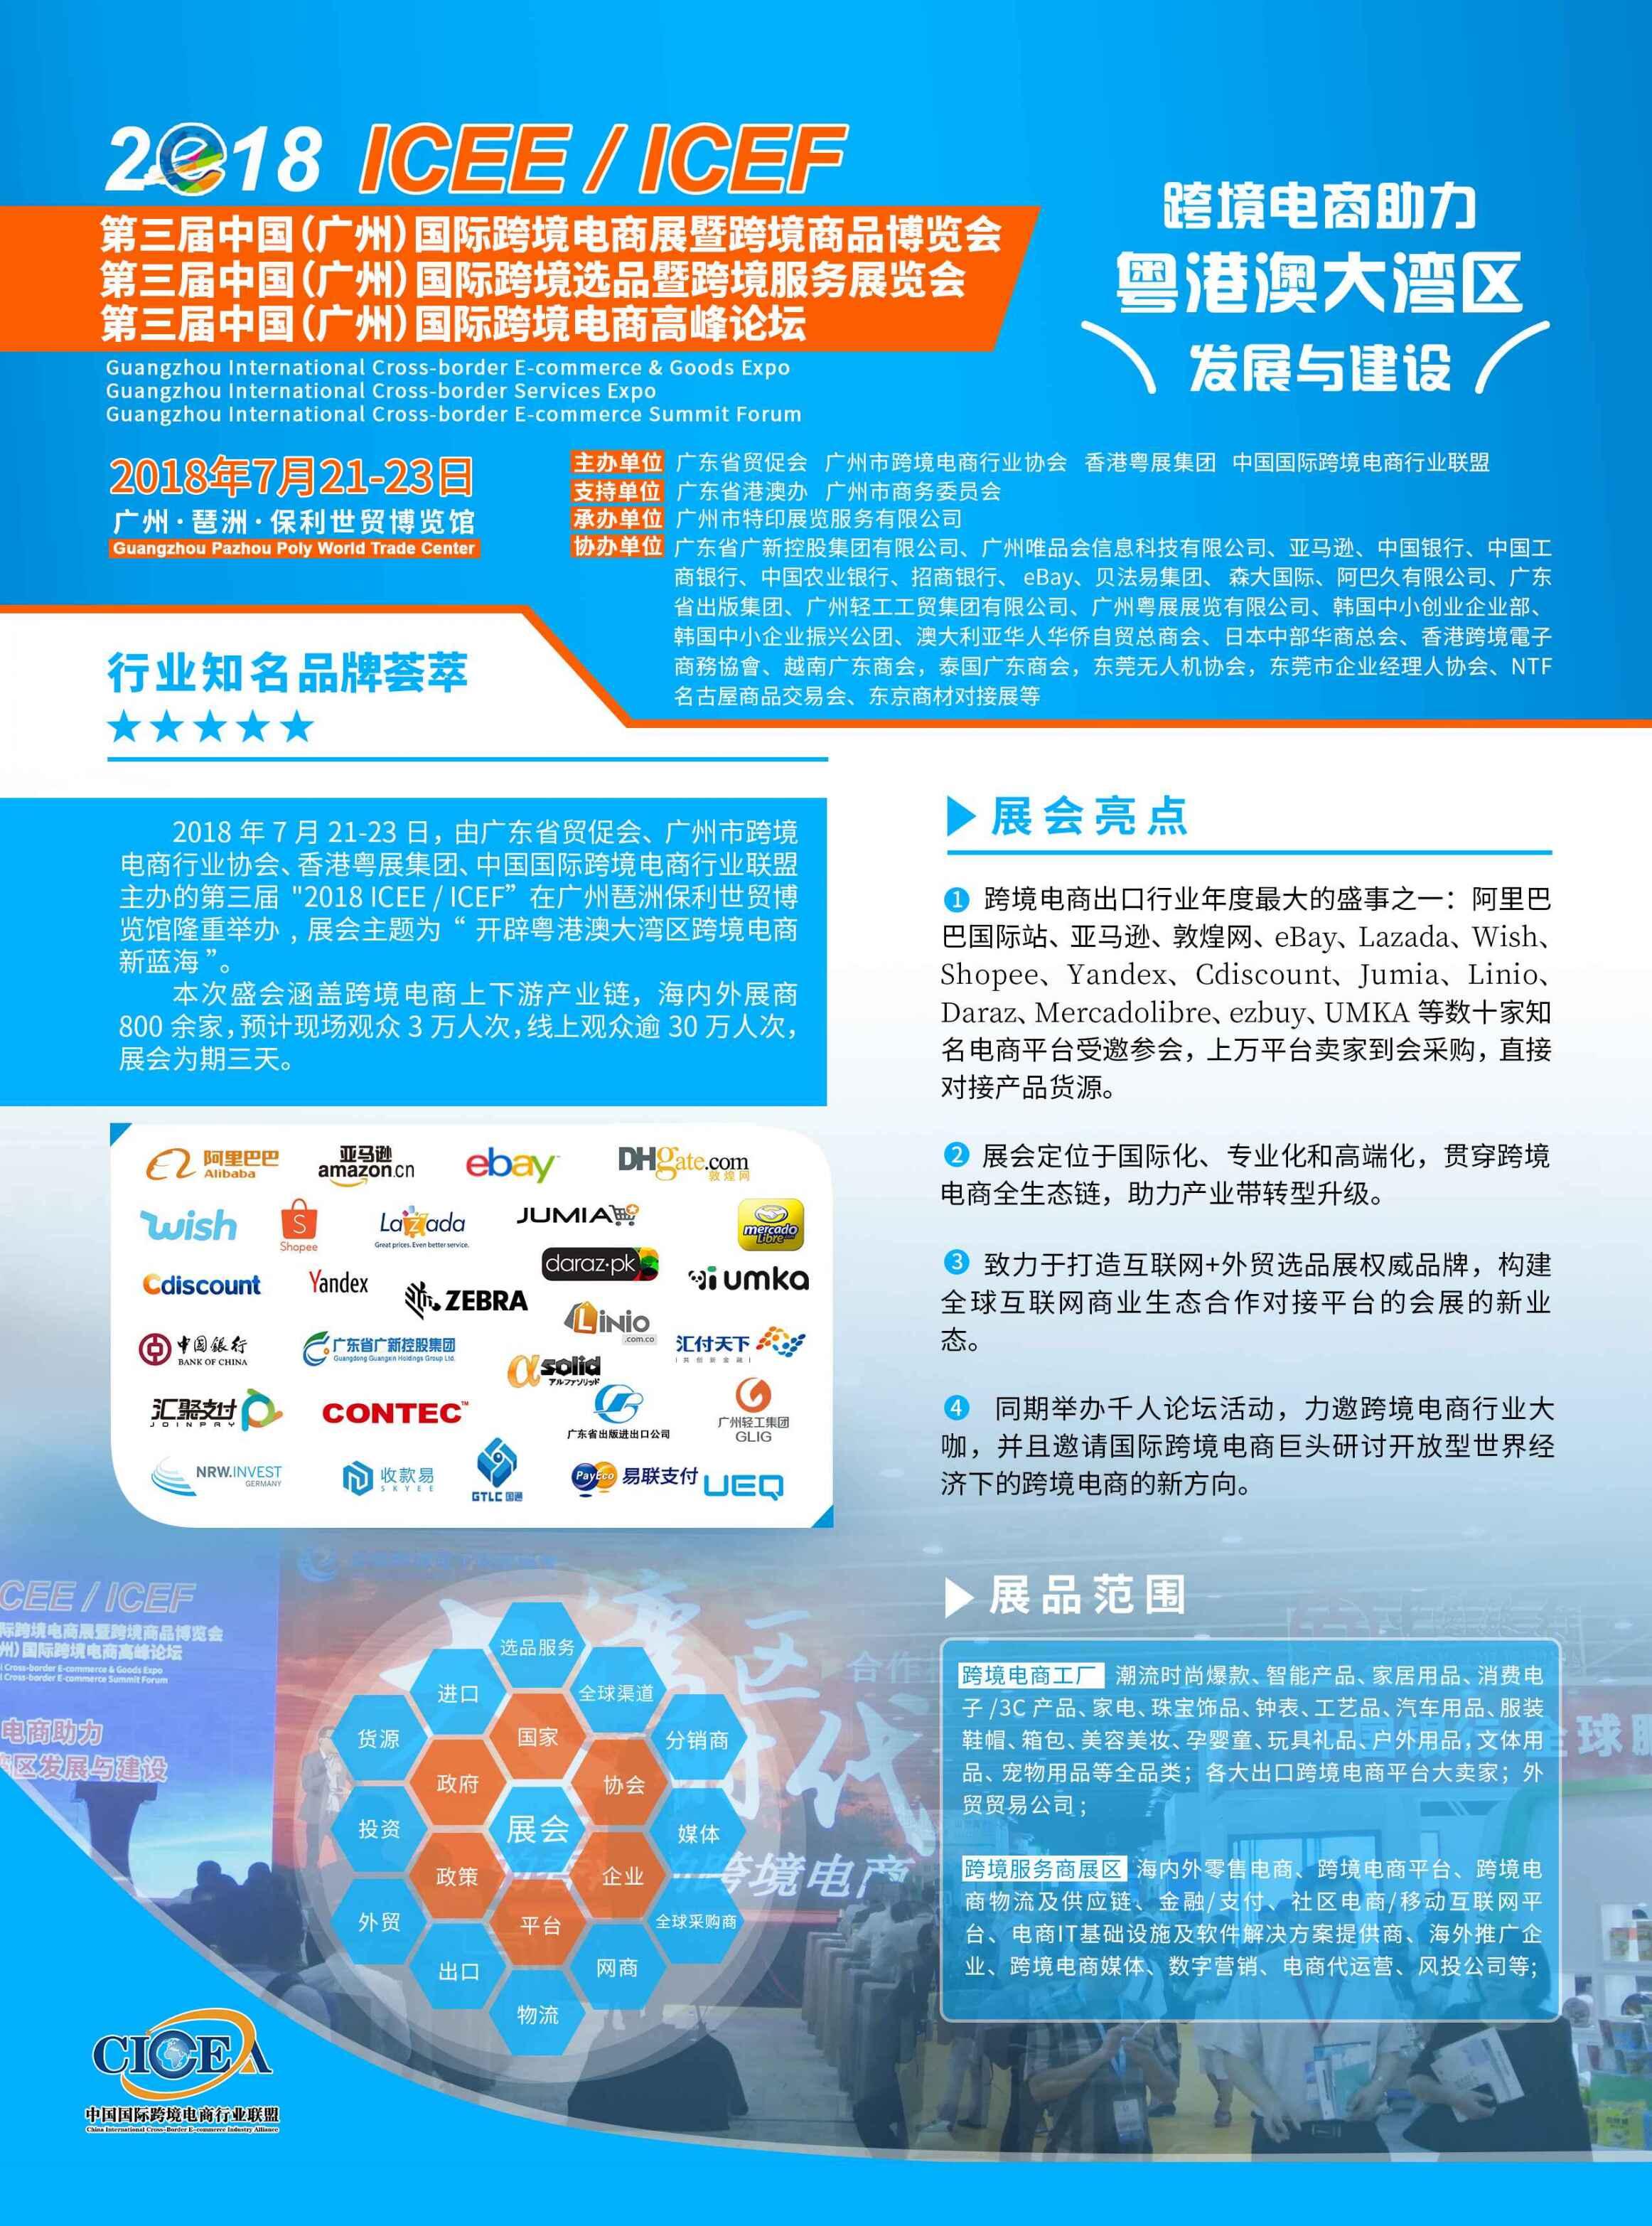 2018年ICEE中国(广州)国际跨境电商博览会